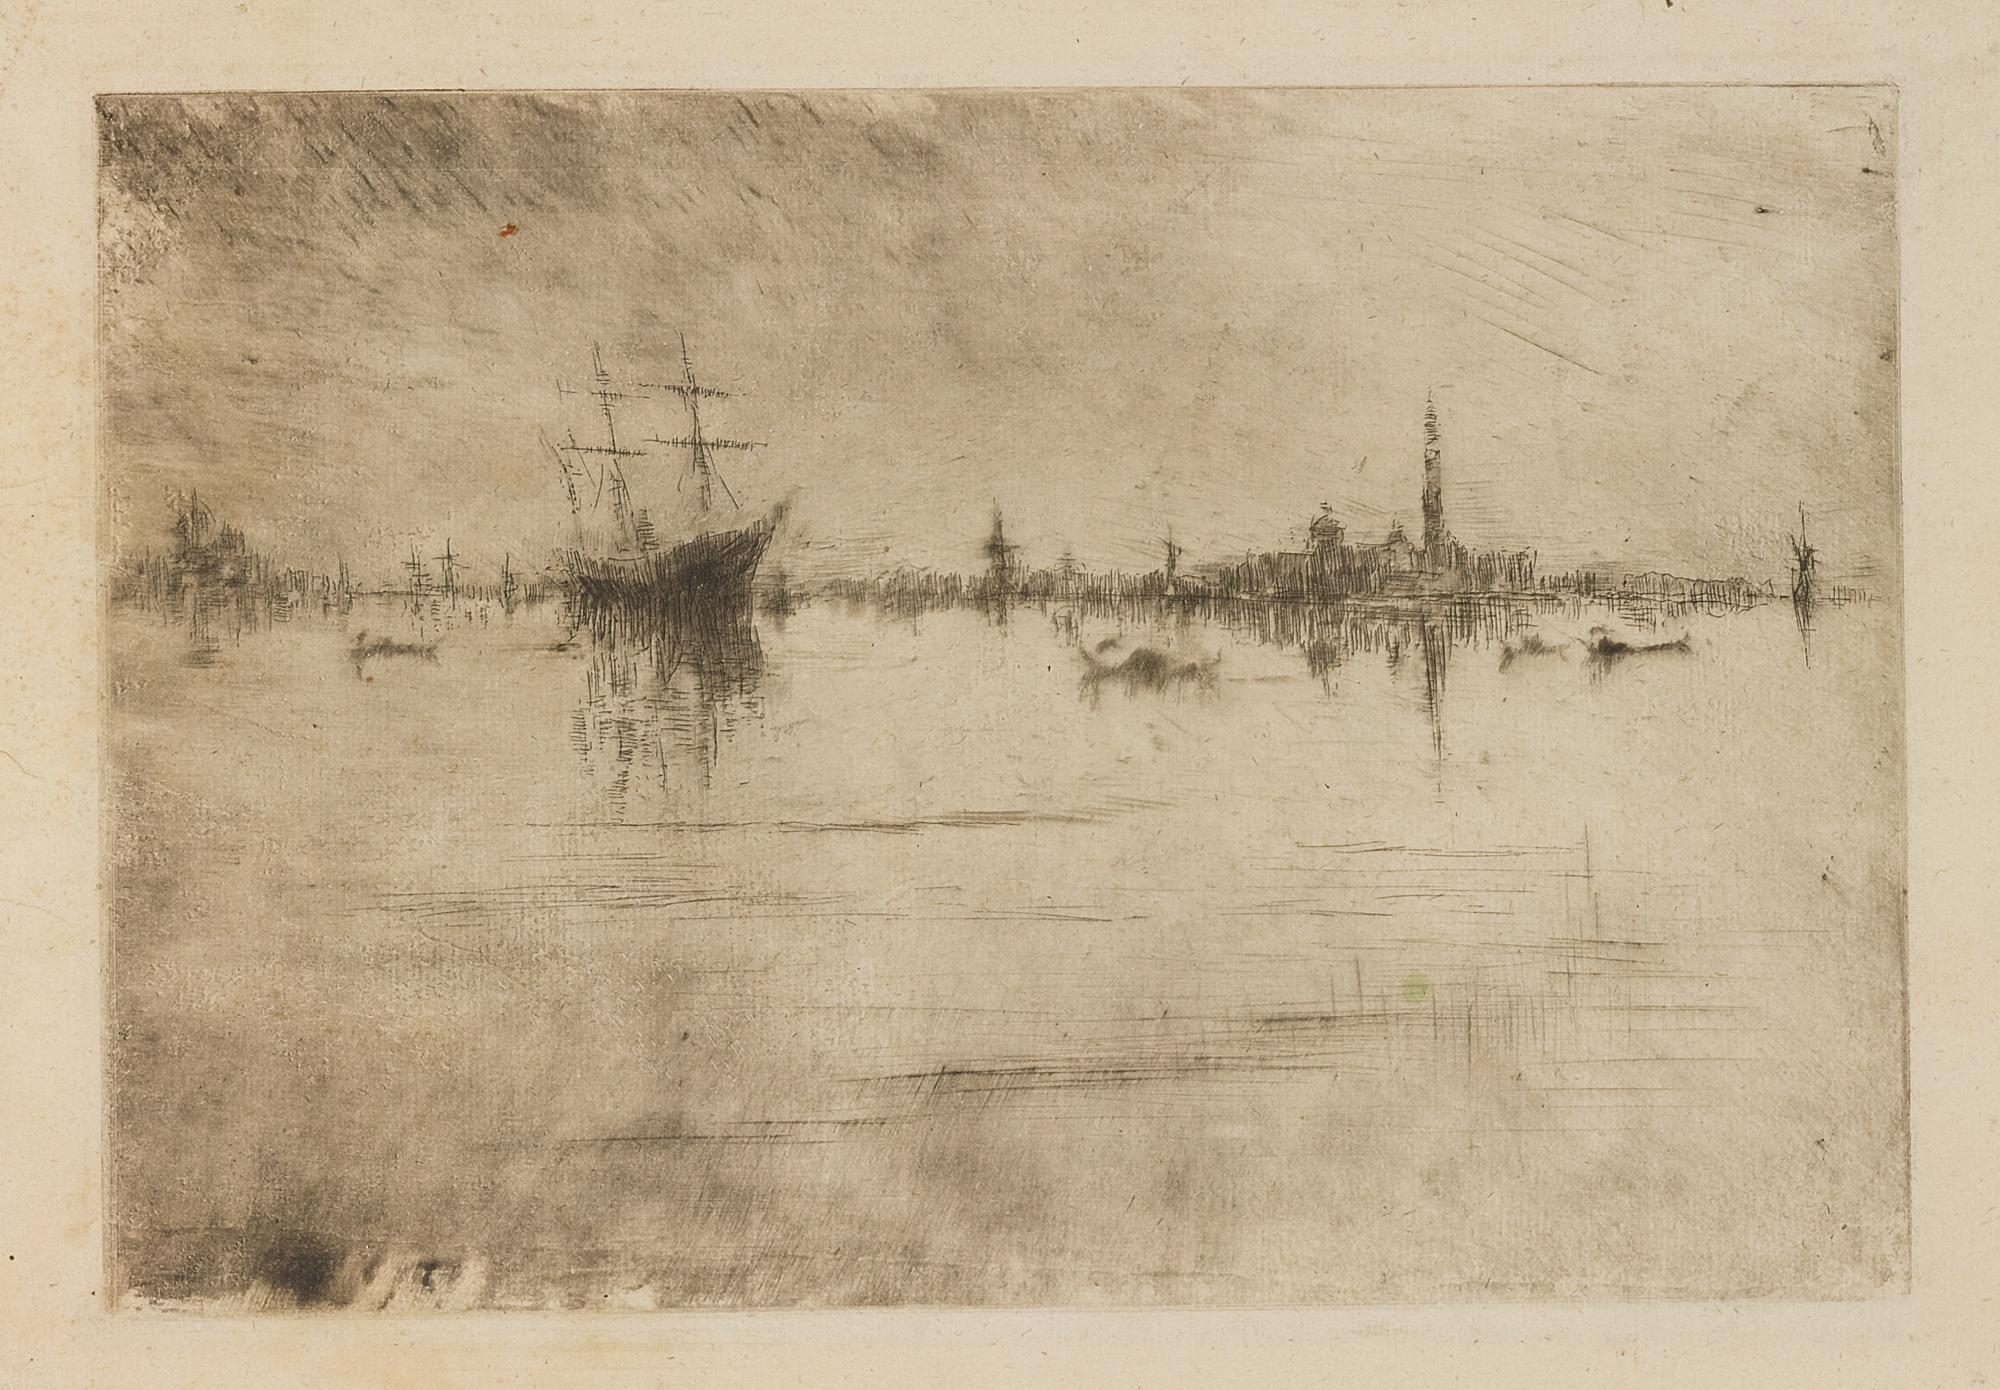 James Abbott McNeill Whistler-Nocturne (Kennedy 184; Glasgow 222)-1881